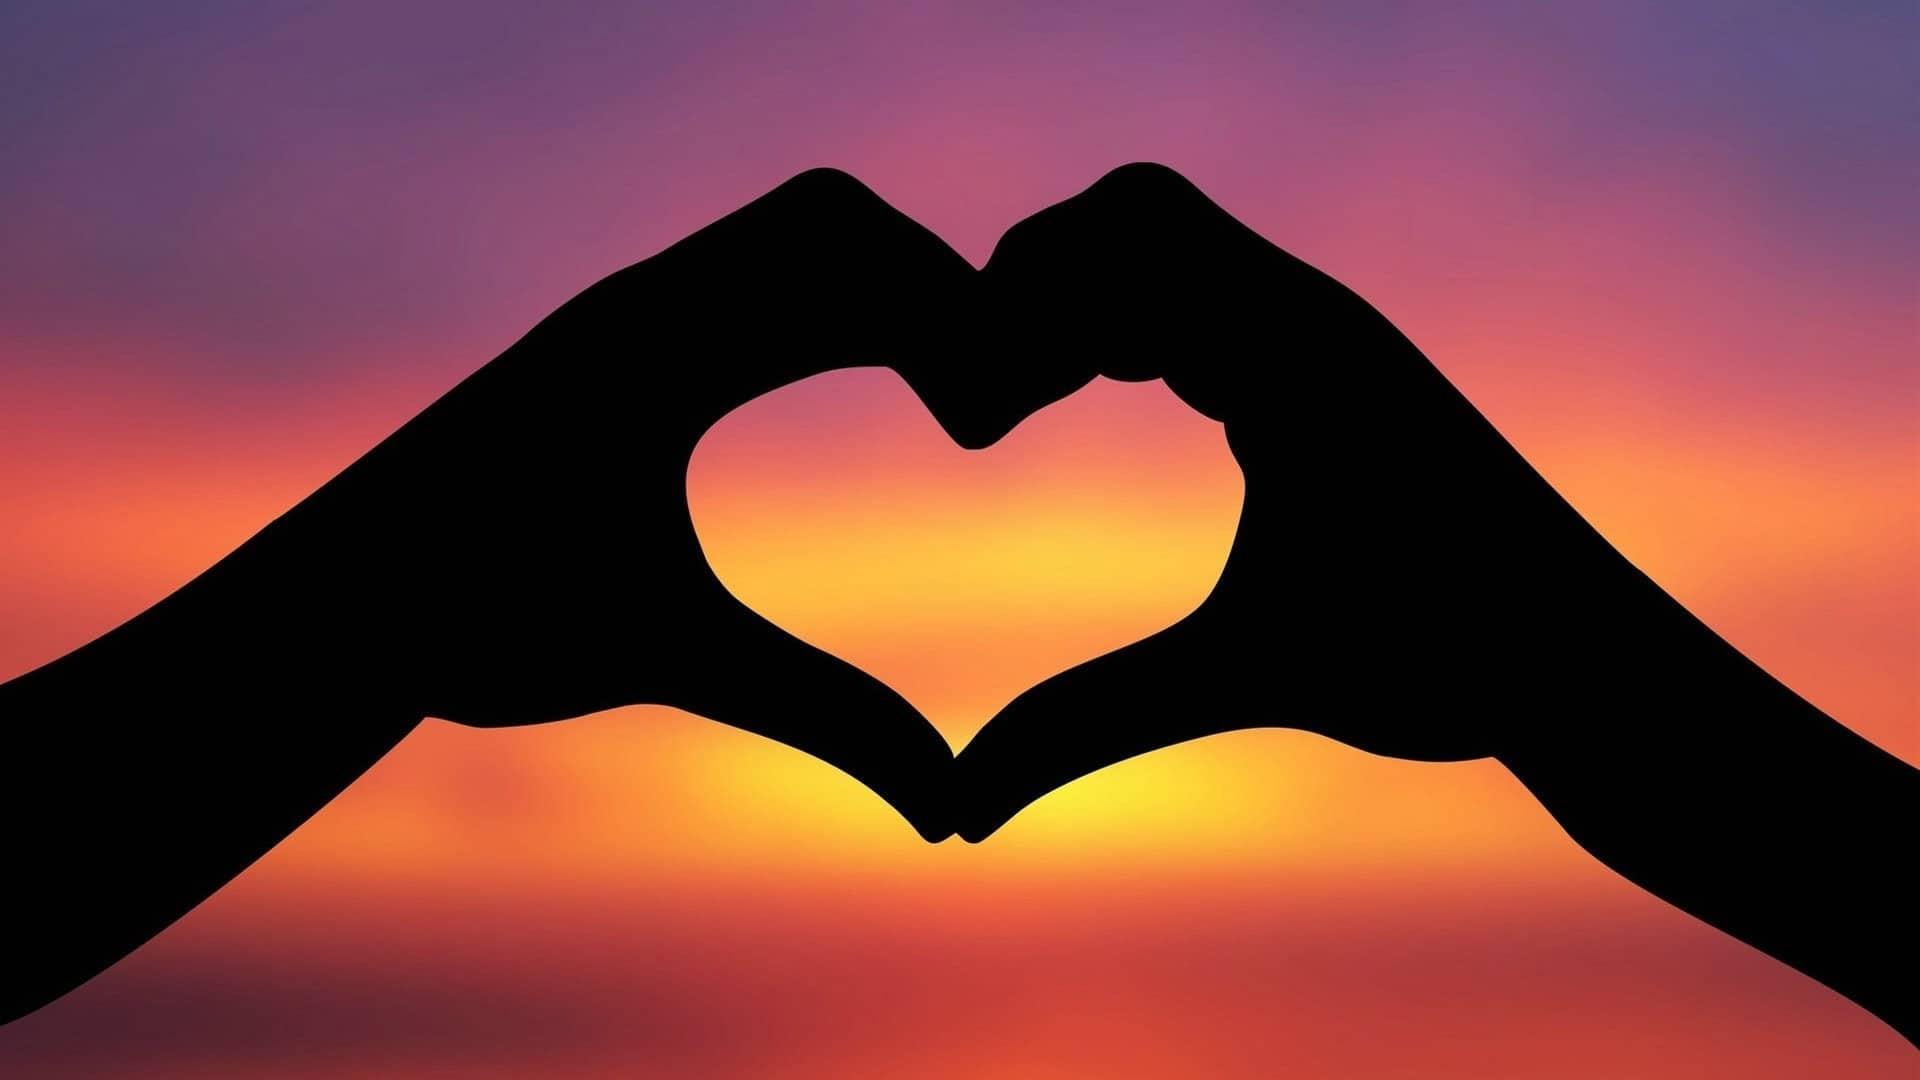 صورة كيف تعرف الشخص الذي يحبك حب حقيقي , دليل الحب الحقيقي